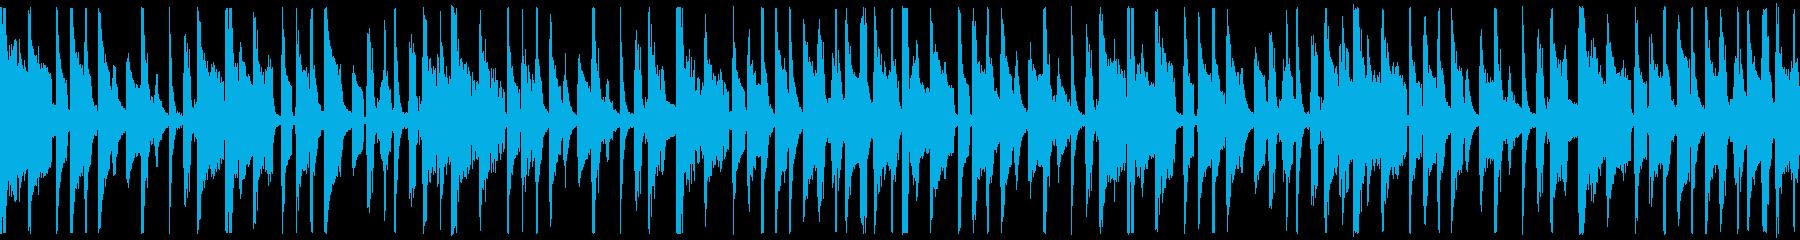 法人 コーポレートの再生済みの波形